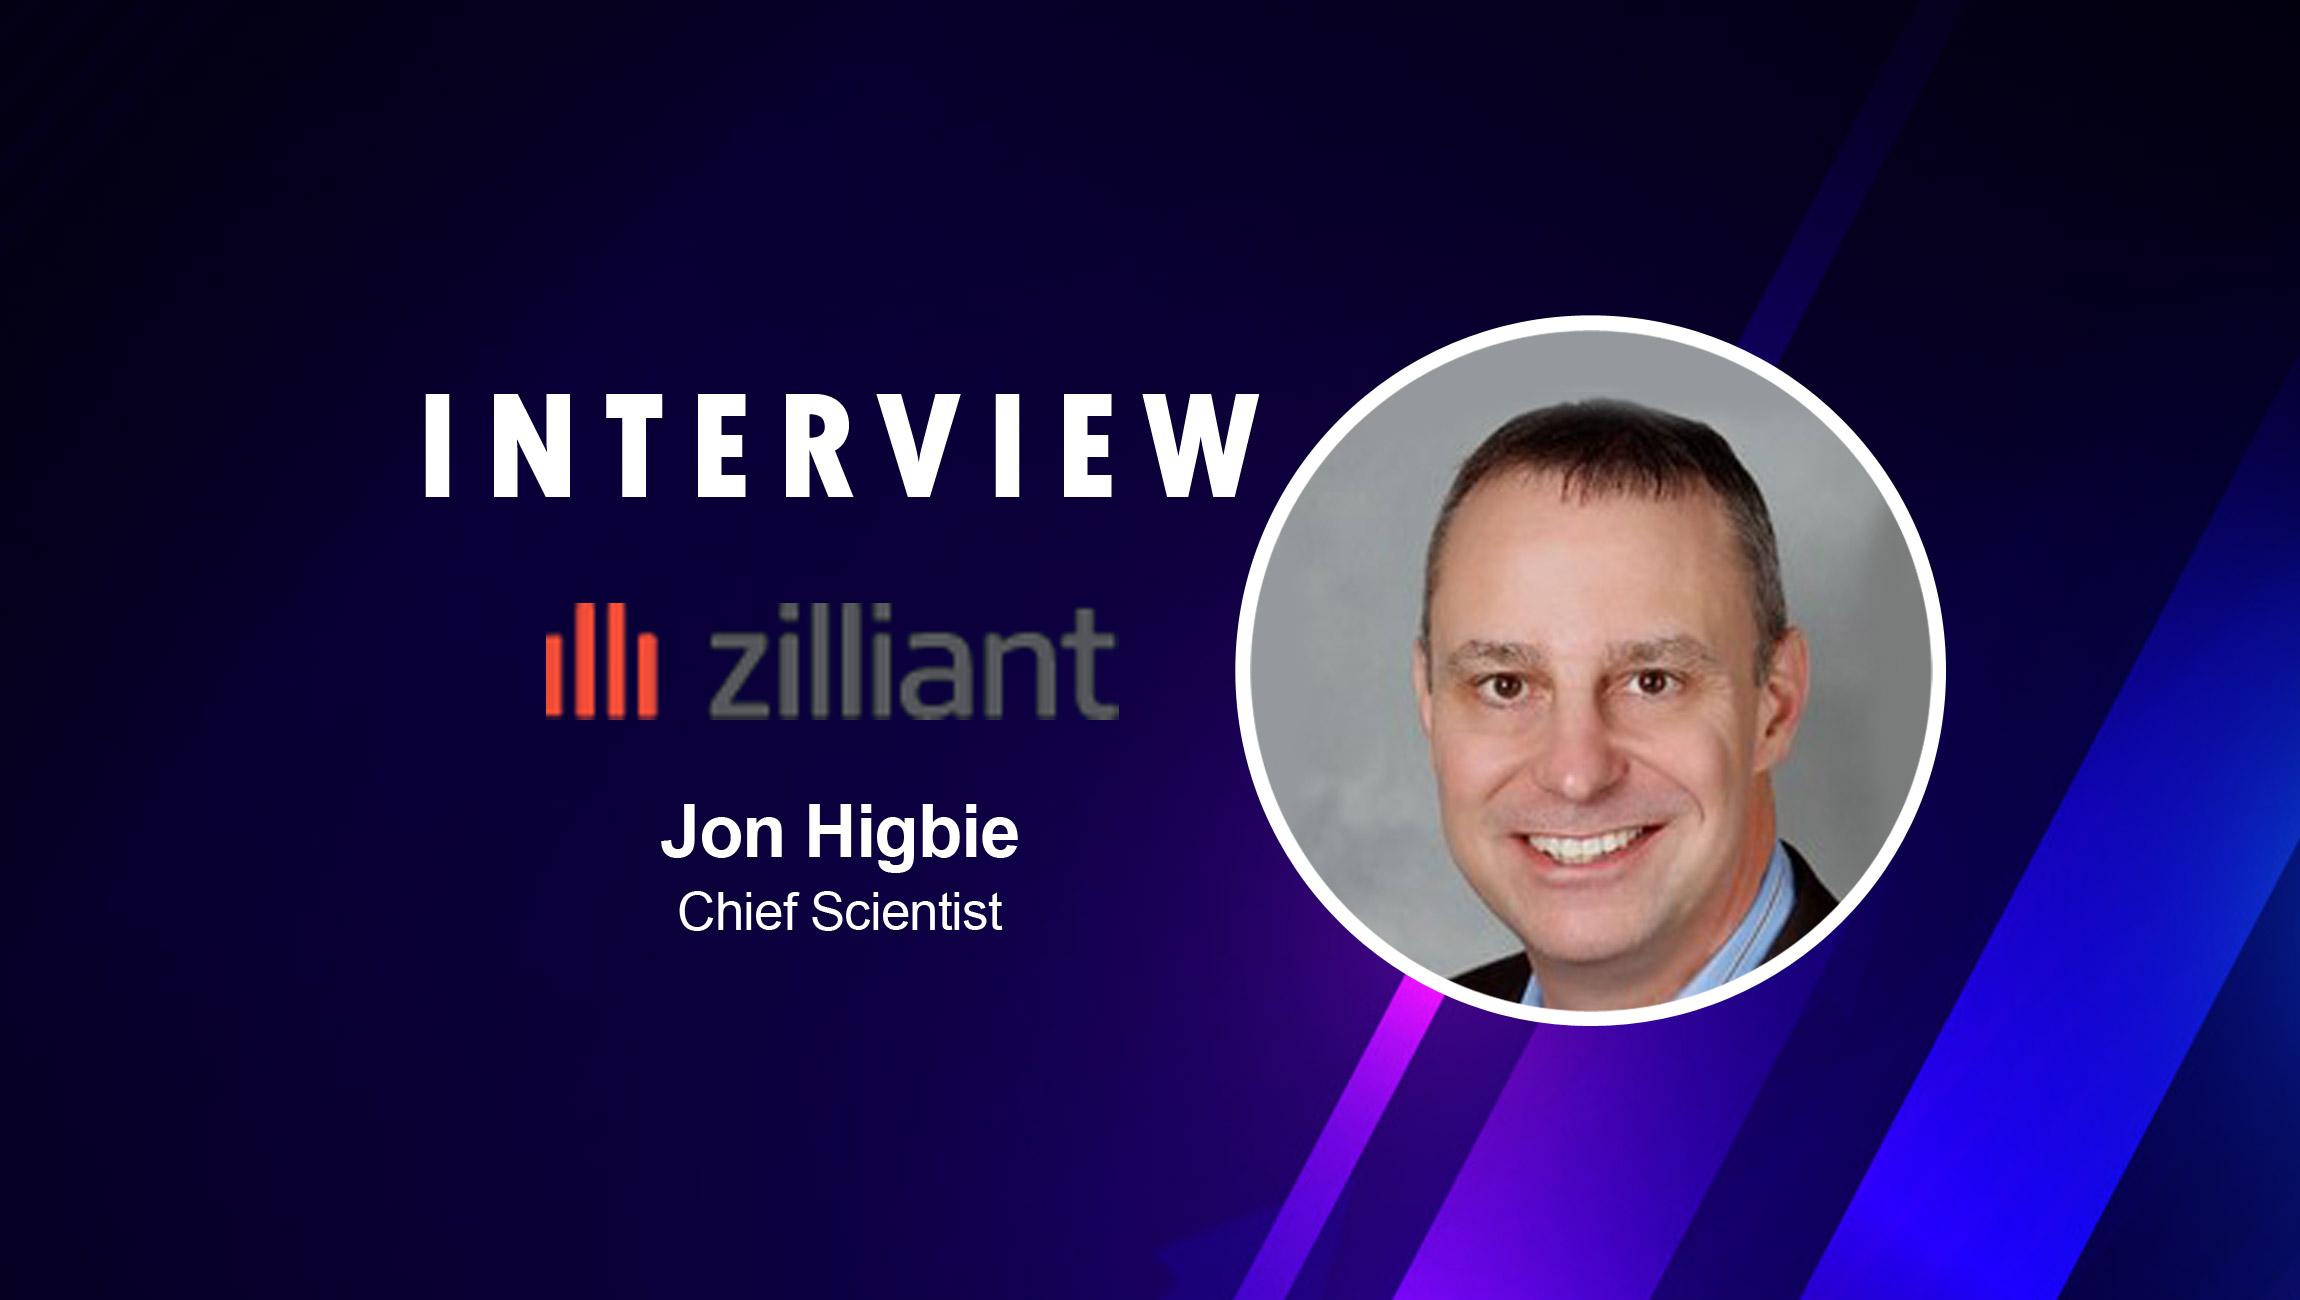 SalesTechStar Interview with Jon Higbie, Chief Scientist at Zilliant